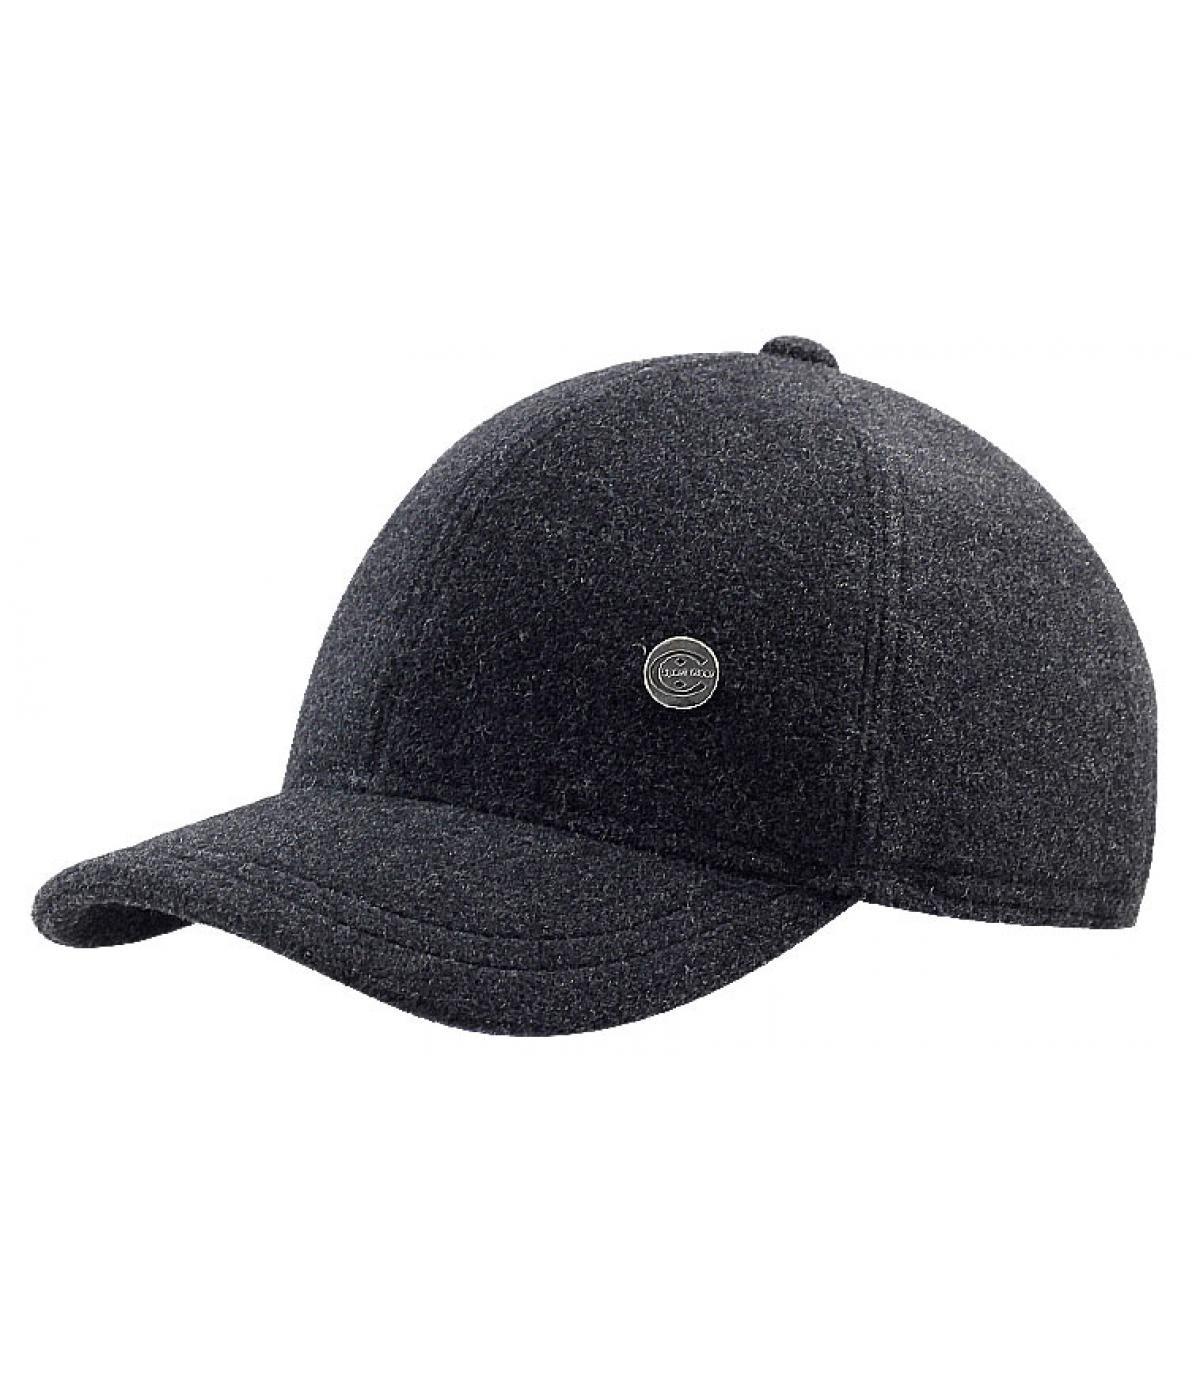 ... Détails Baseball cap grey - image ... 01f6d1c54b7